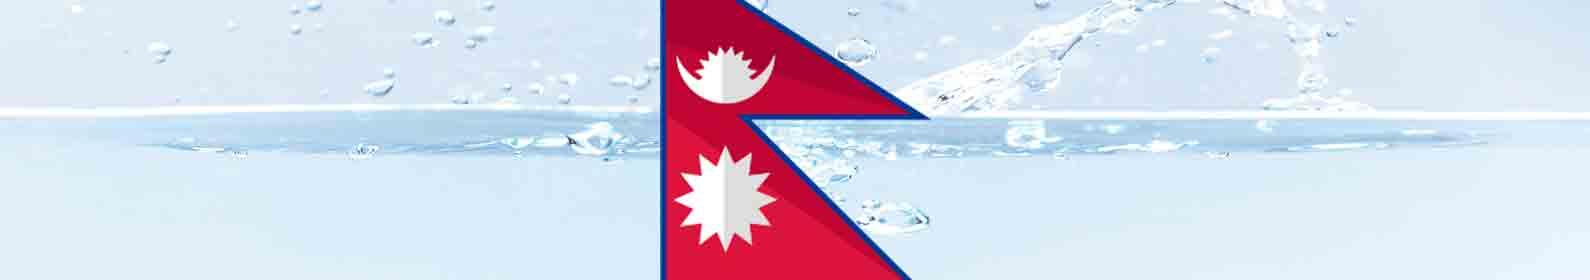 tratamento-de-agua-nepal.jpg